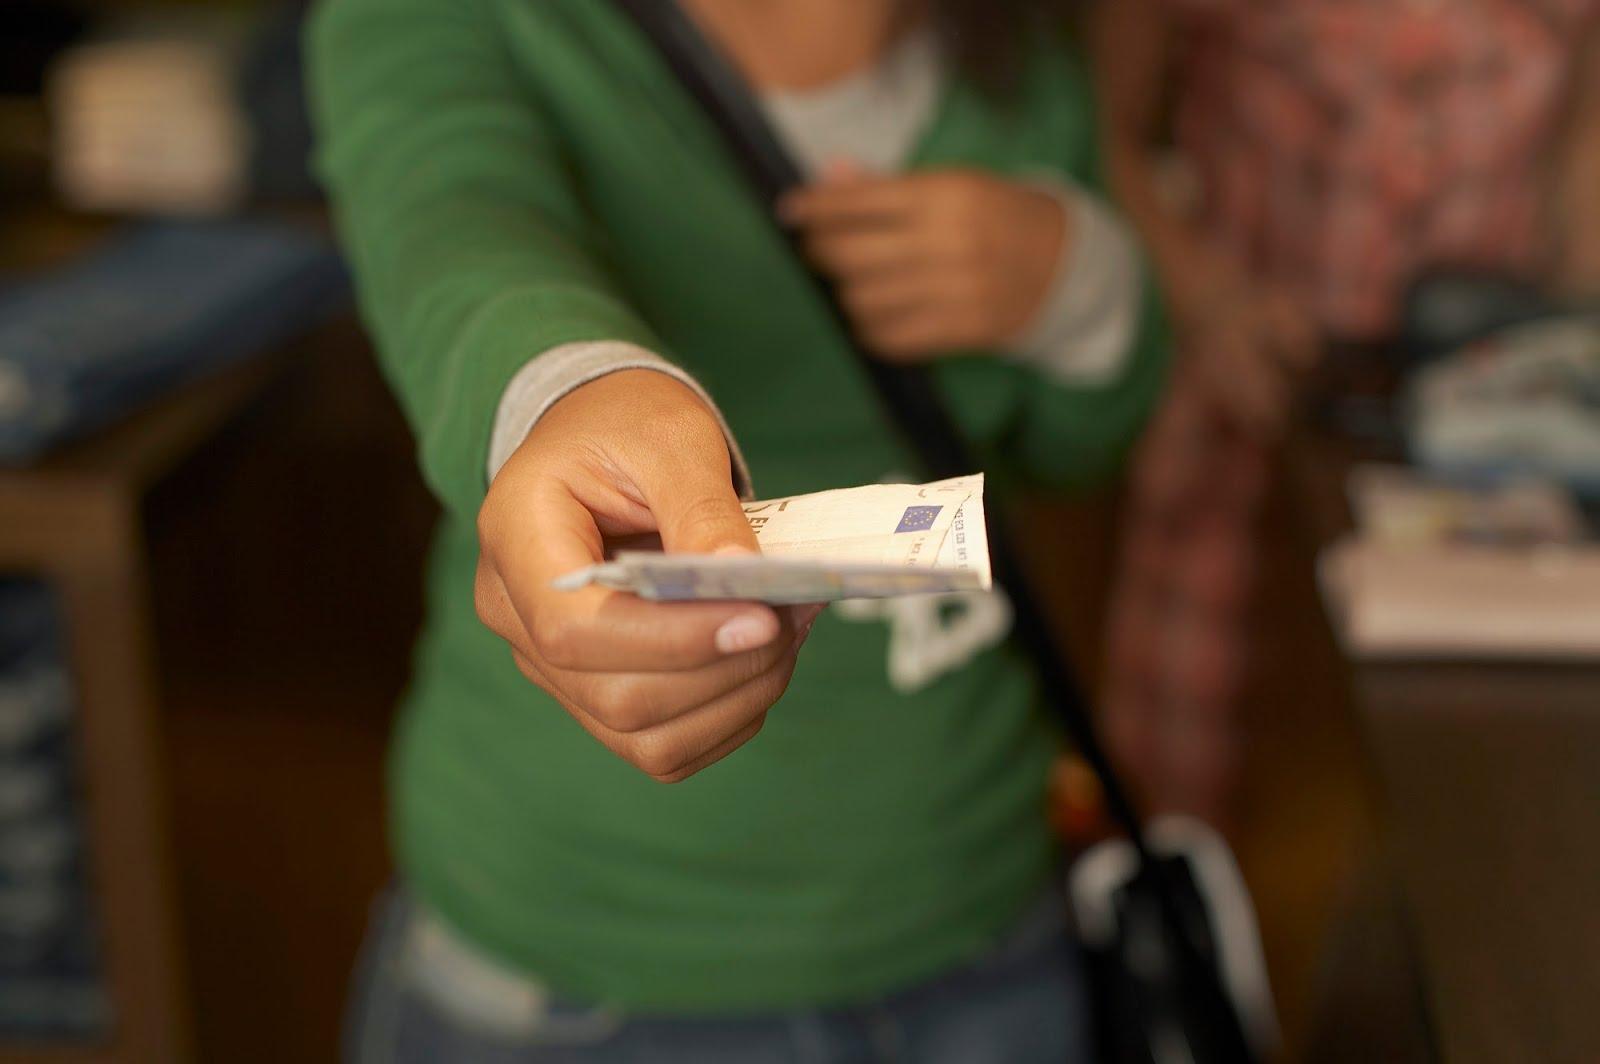 Aprovecha la gratificación para reducir tus deudas